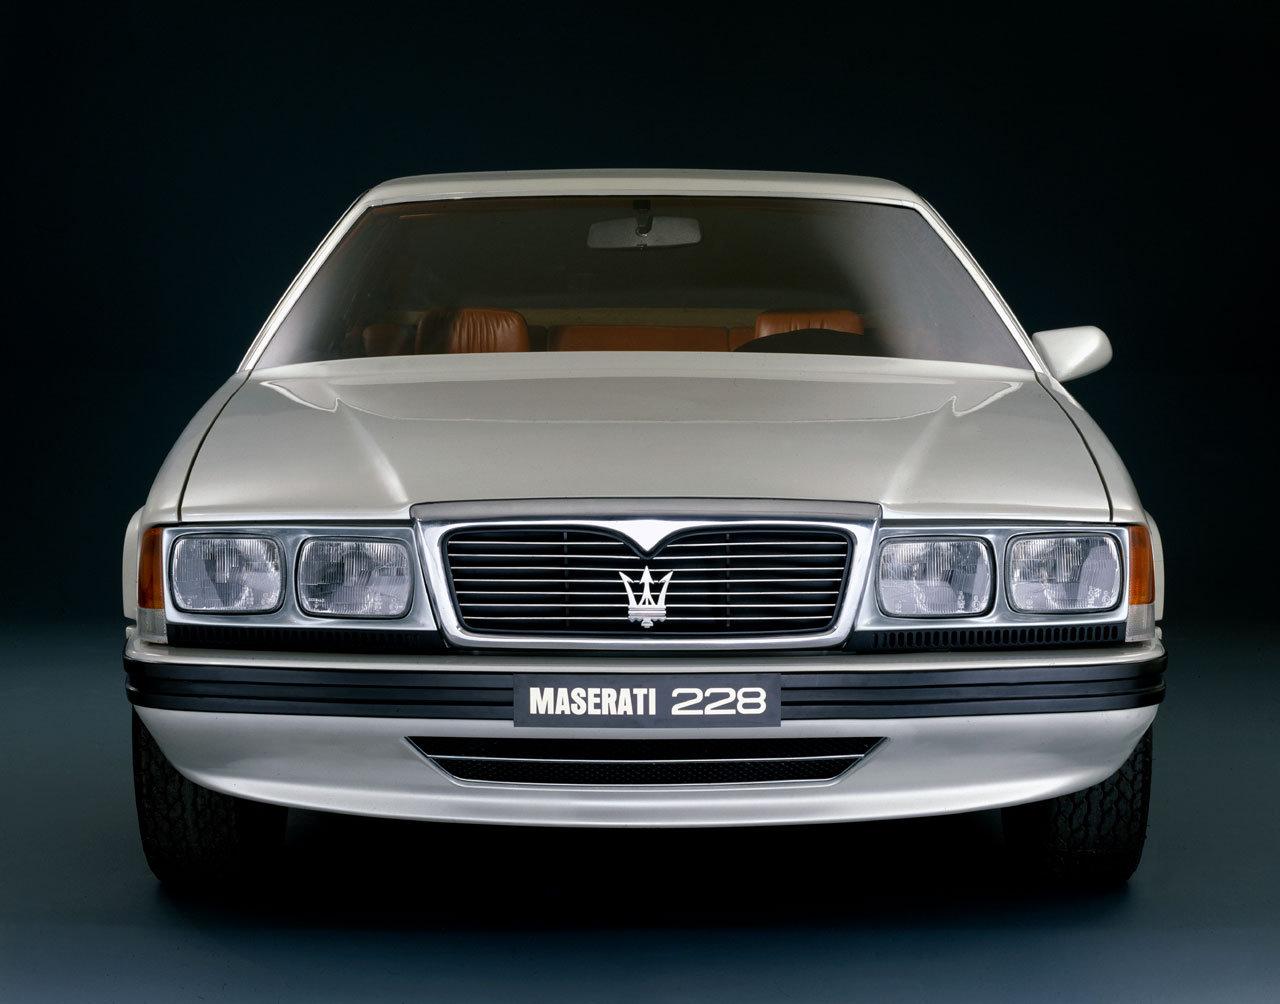 Maserati 228 technical details history photos on better - Mobeldesigner italien ...